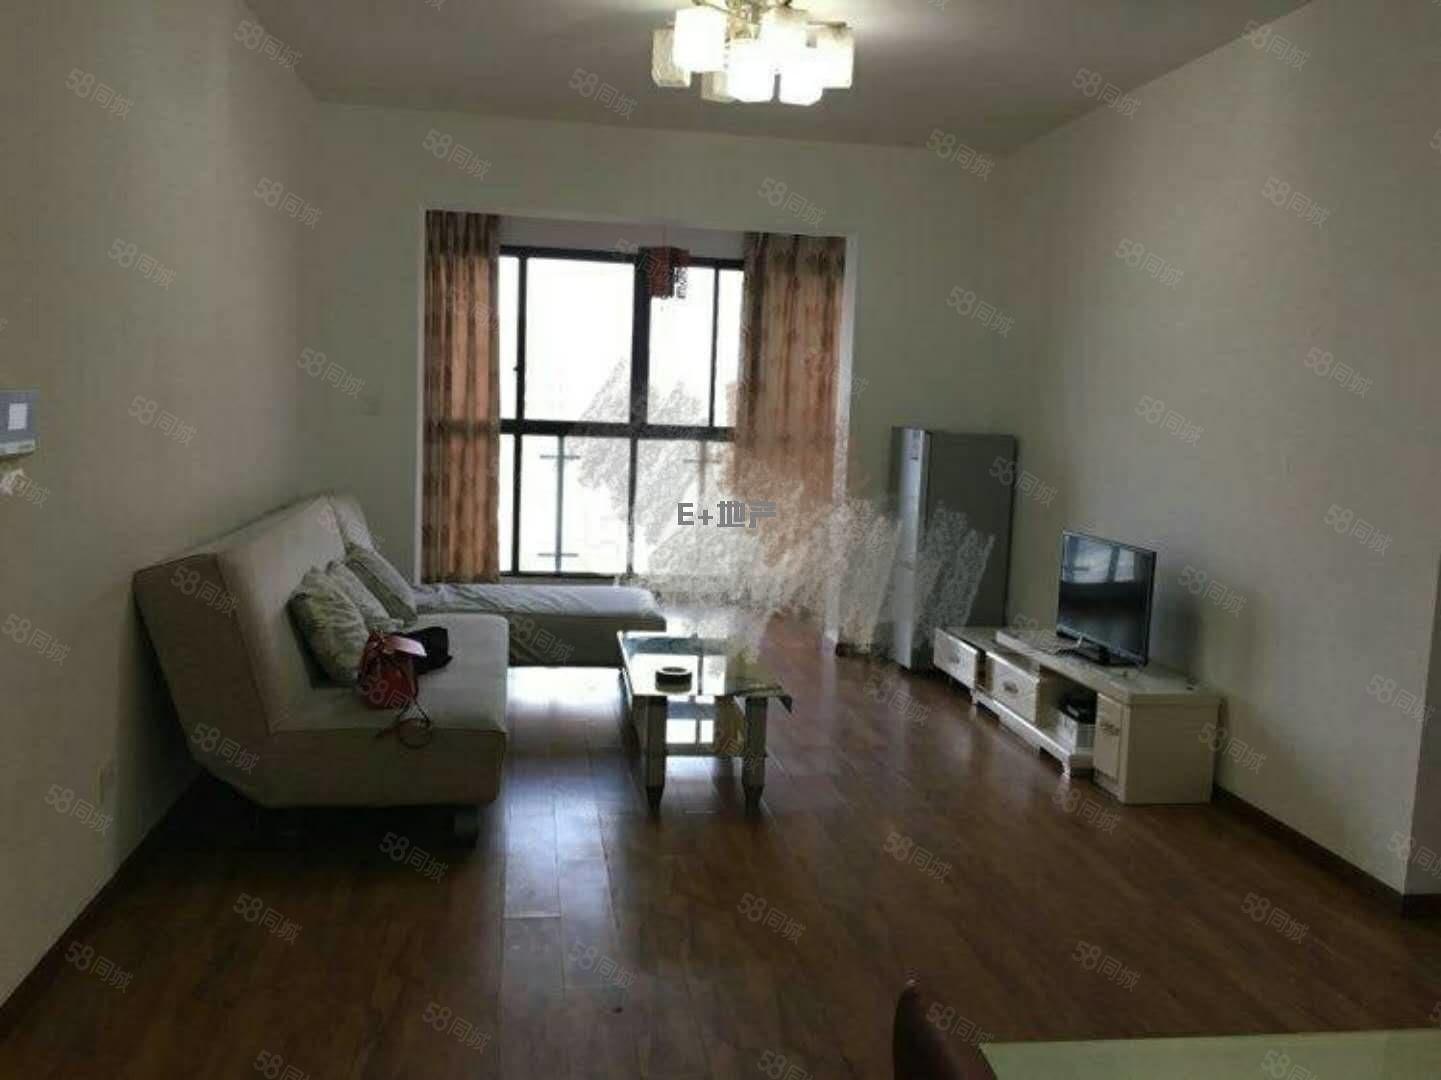 华侨凤凰国际城3室您等什么,有比这更便宜的吗